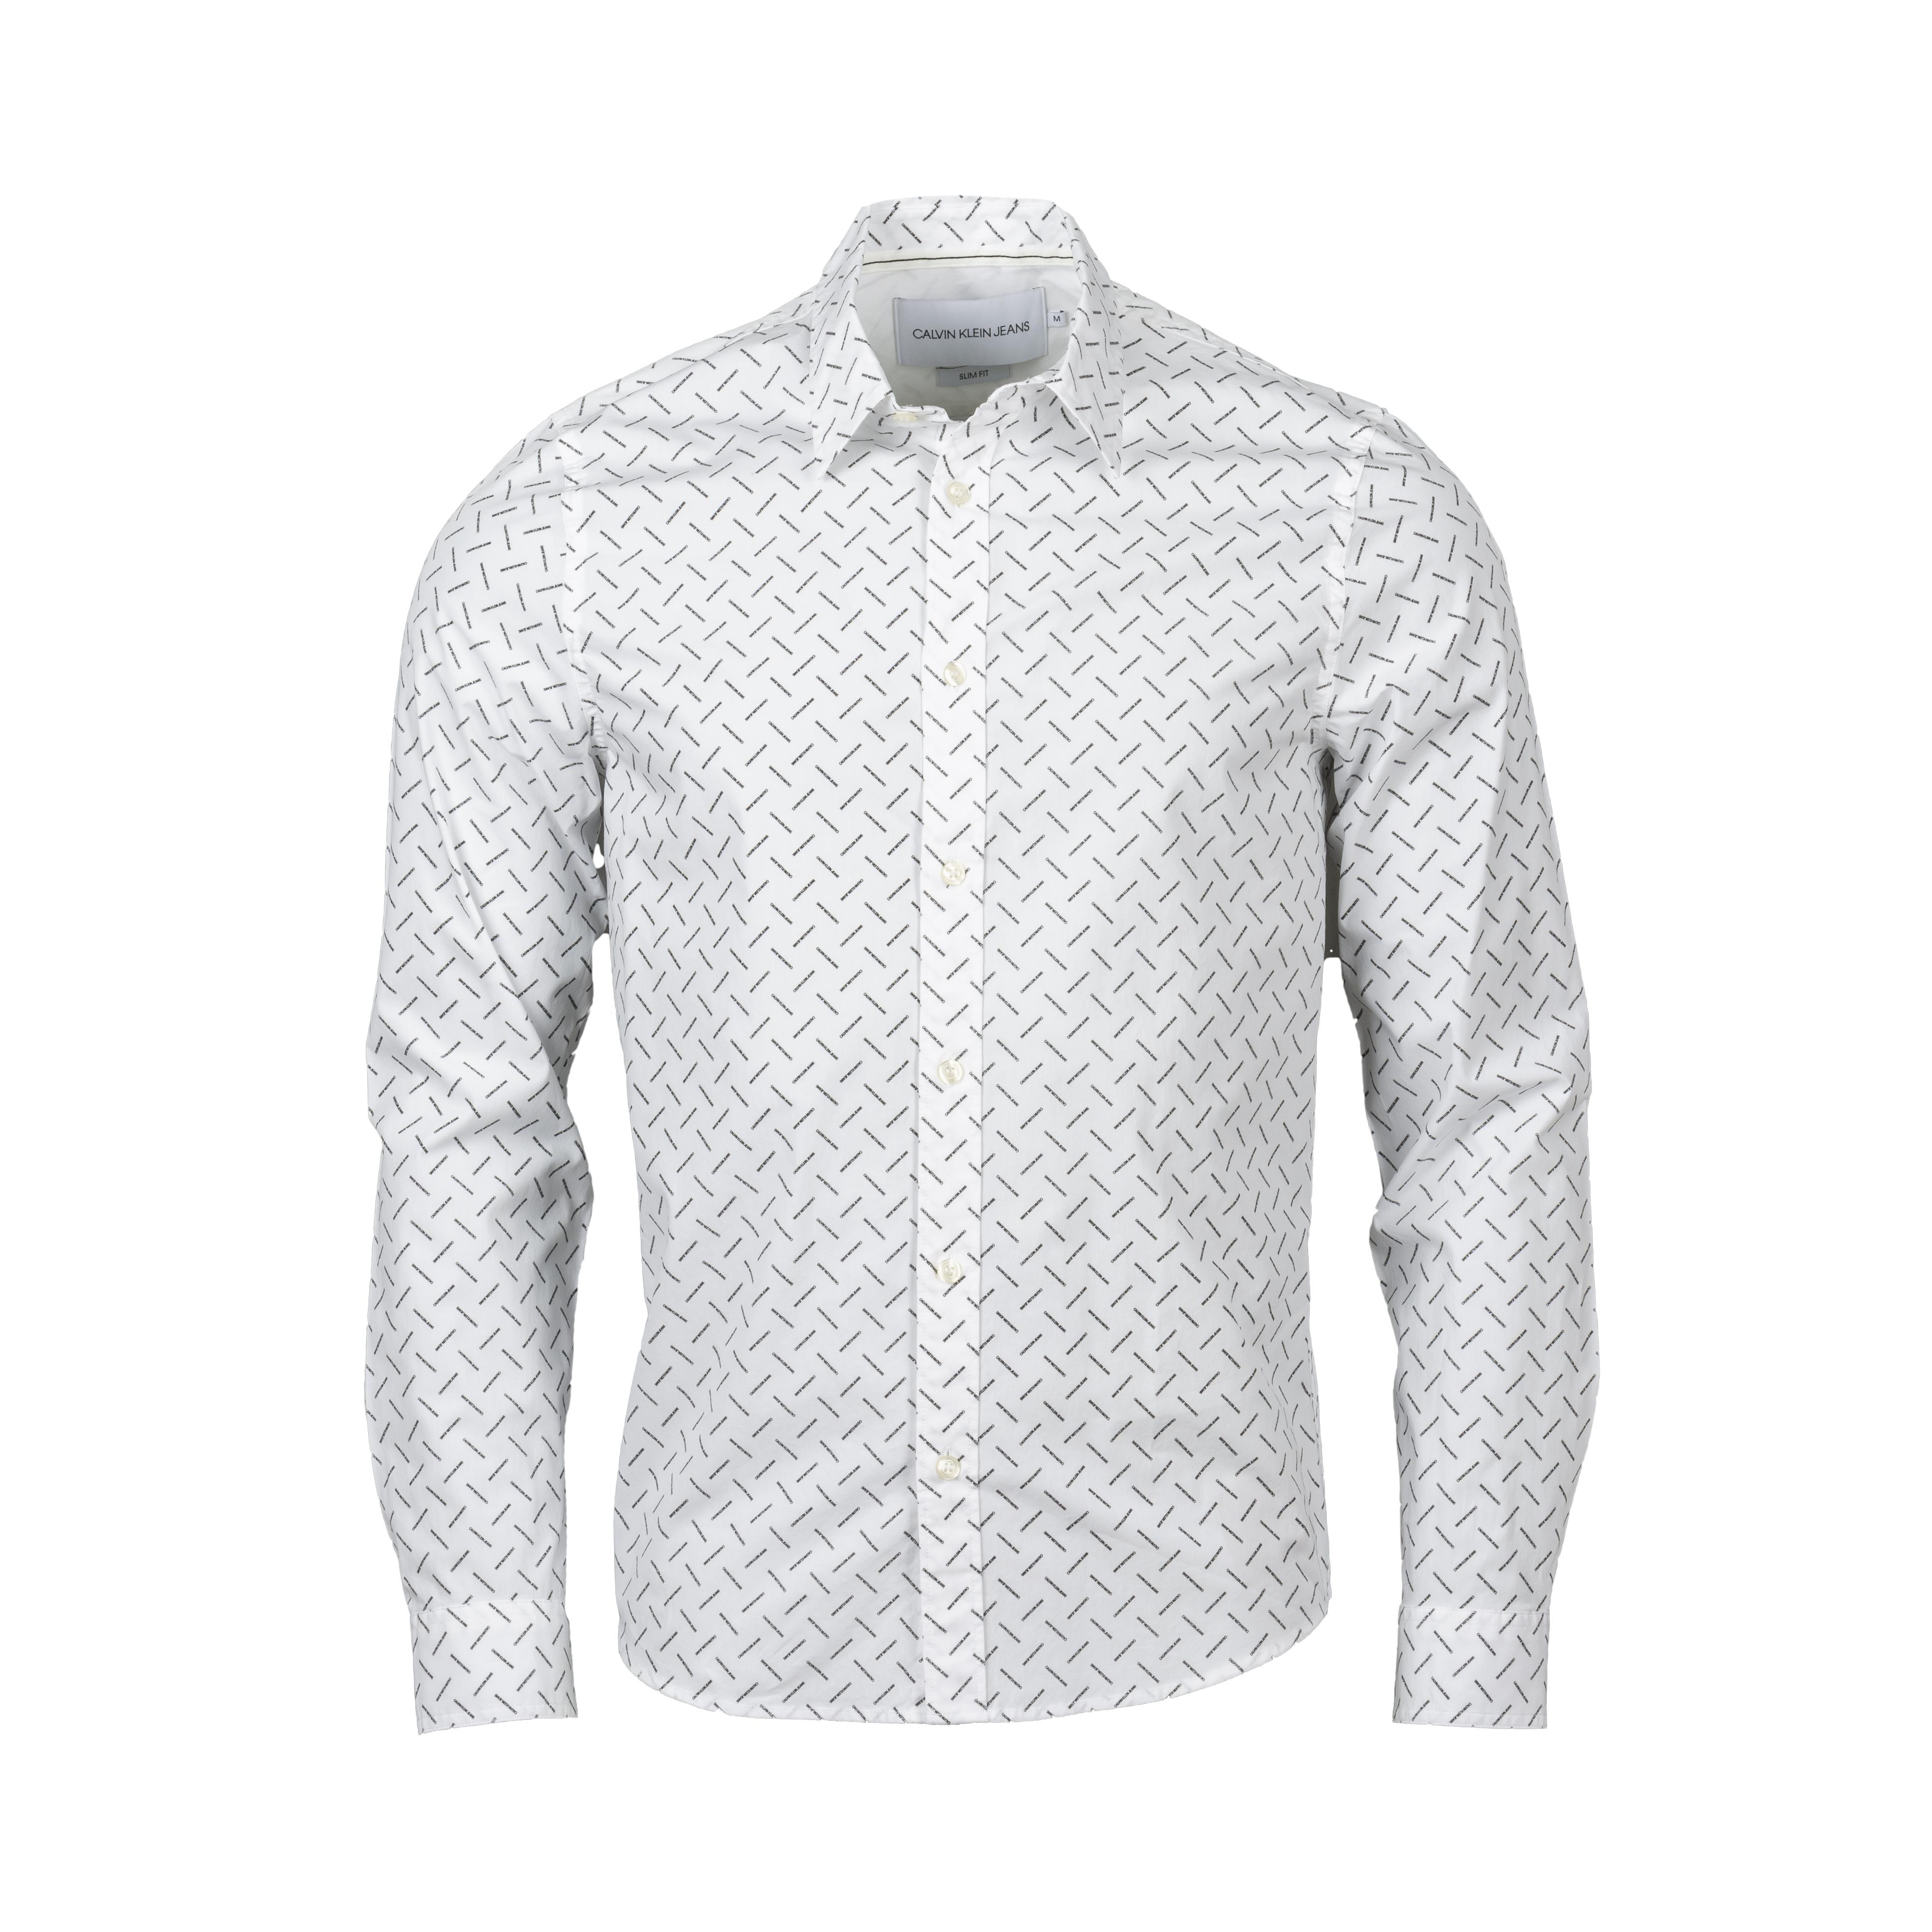 Chemise ajustée calvin klein logo en coton stretch blanc logotypé noir